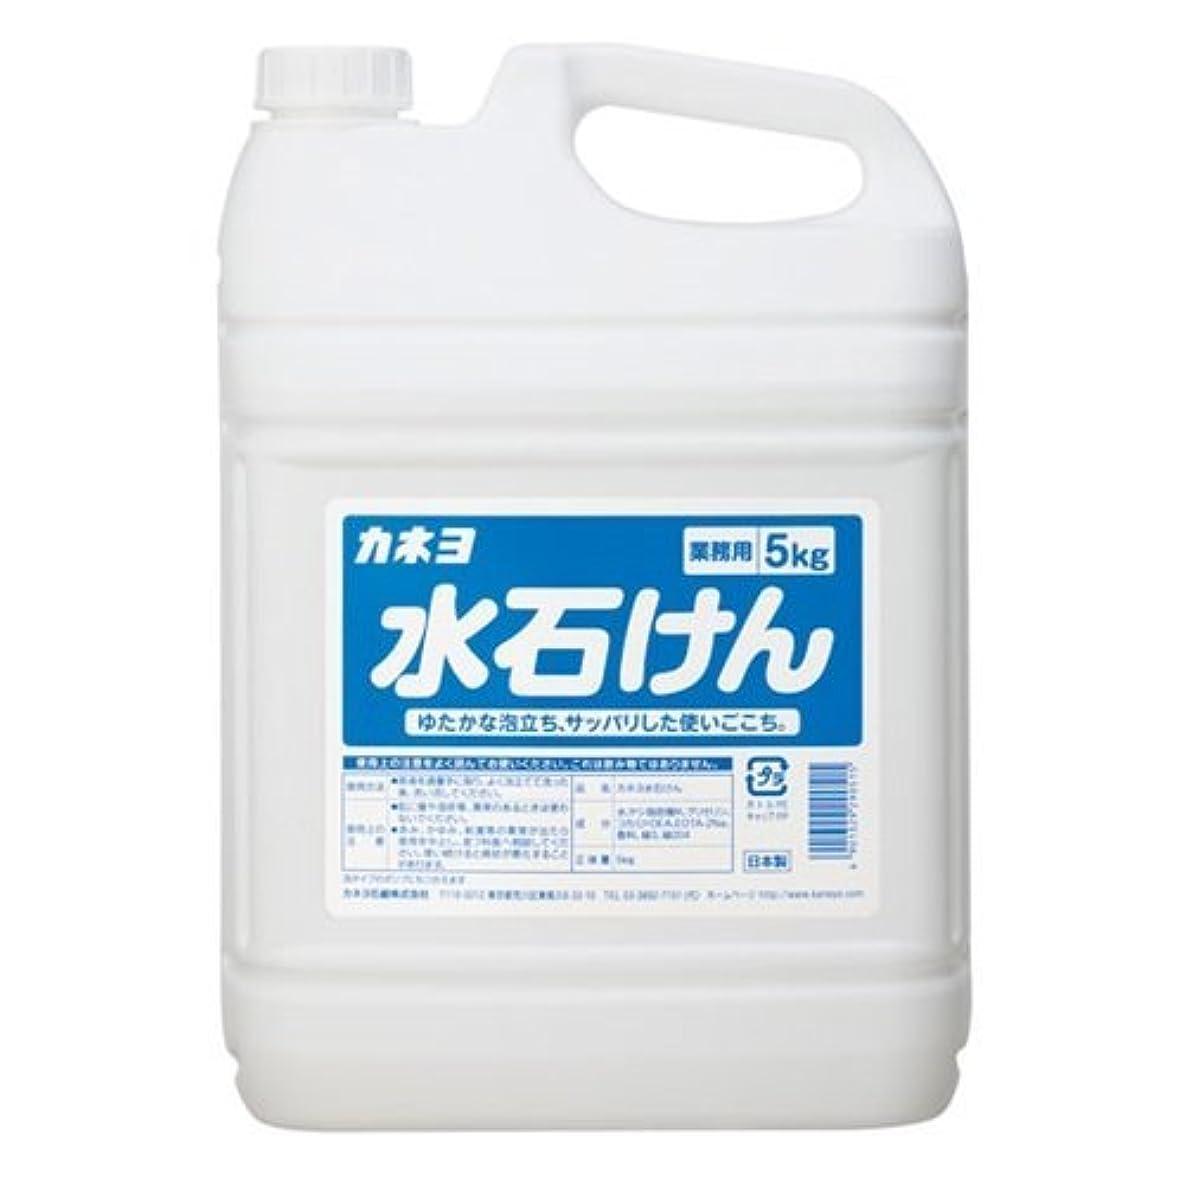 サドルマーキング水っぽい【ケース販売】業務用 カネヨ水石けん 5㎏×3本